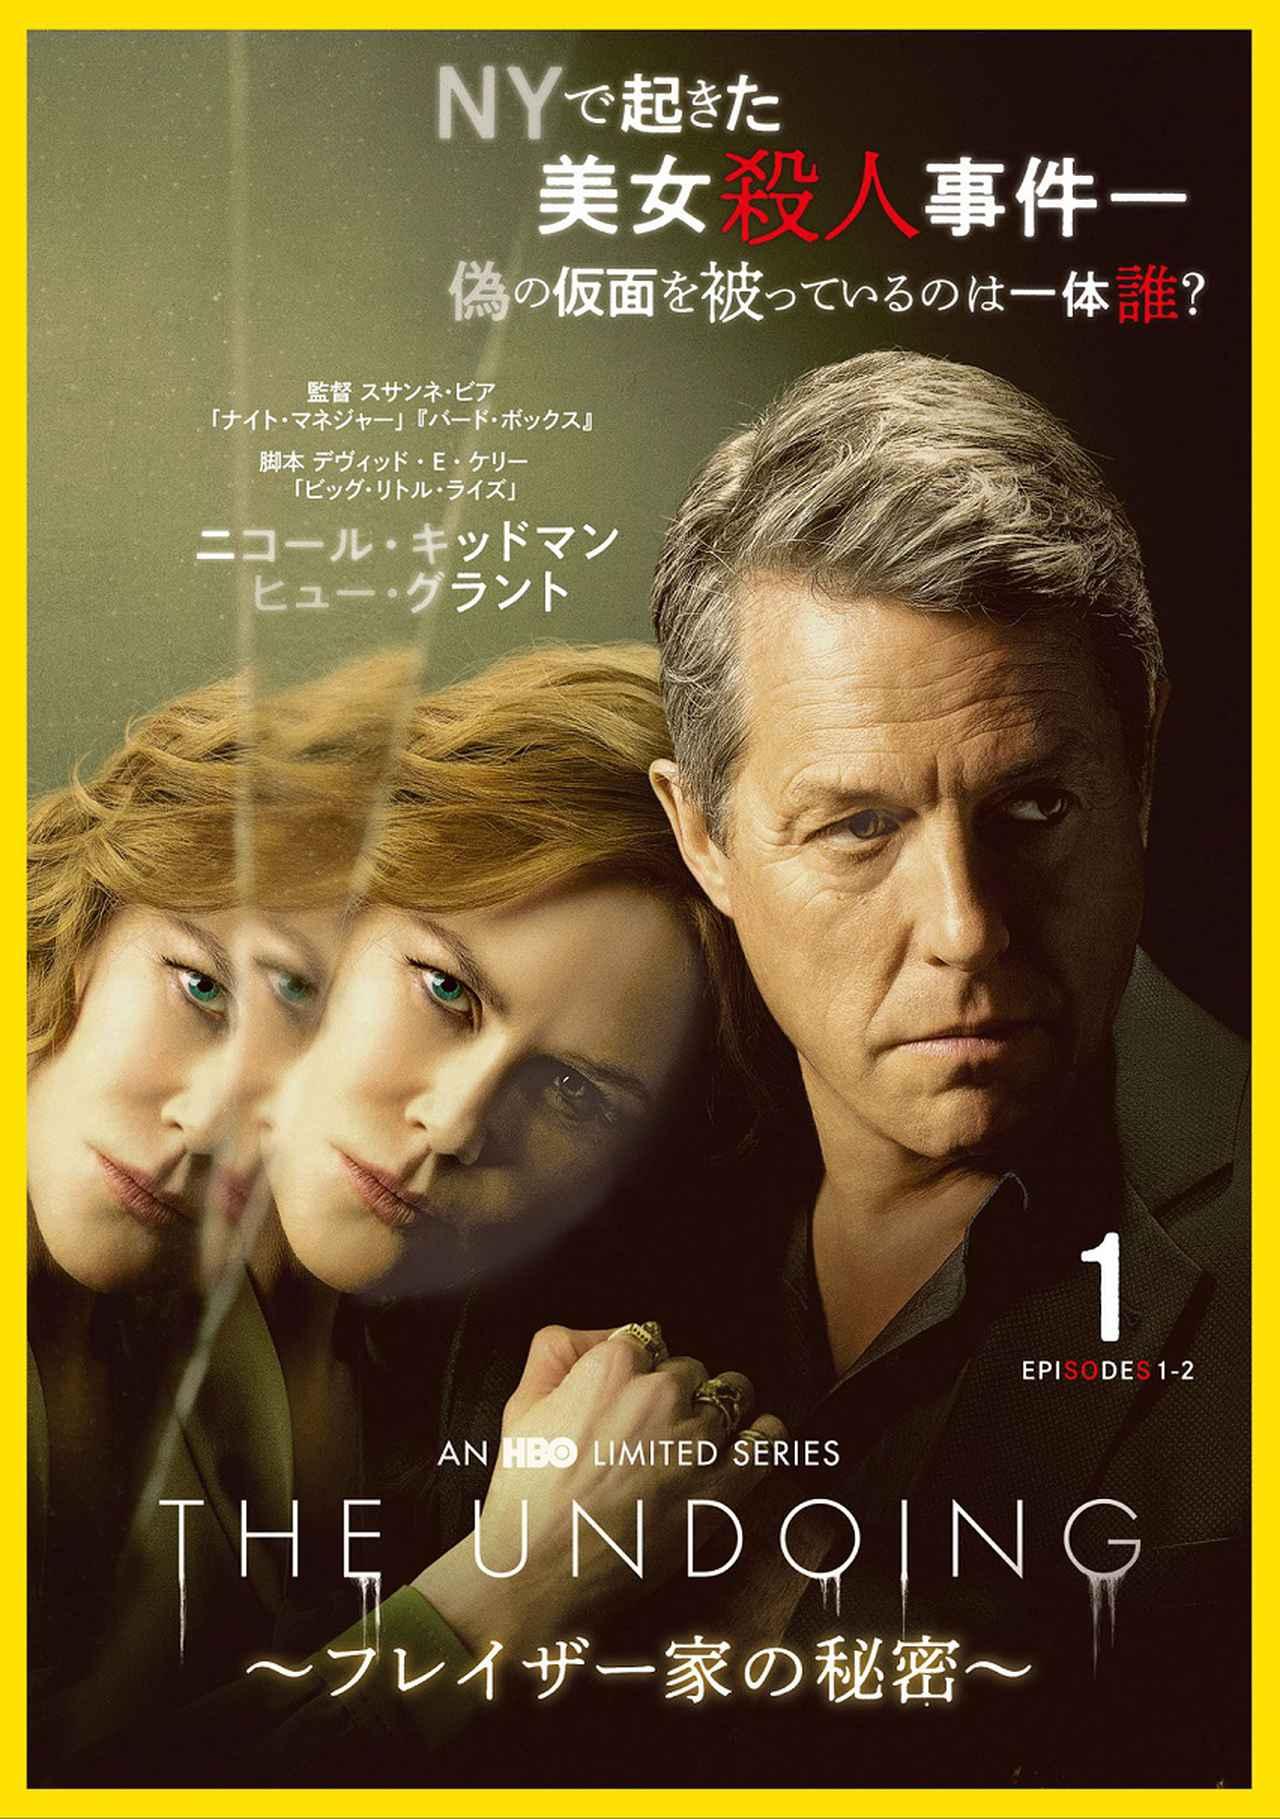 画像3: ニコール・キッドマン×ヒュー・グラント初共演のHBOドラマ『THE UNDOING ~フレイザー家の秘密~』が10月6日よりDVDレンタルなどがスタート